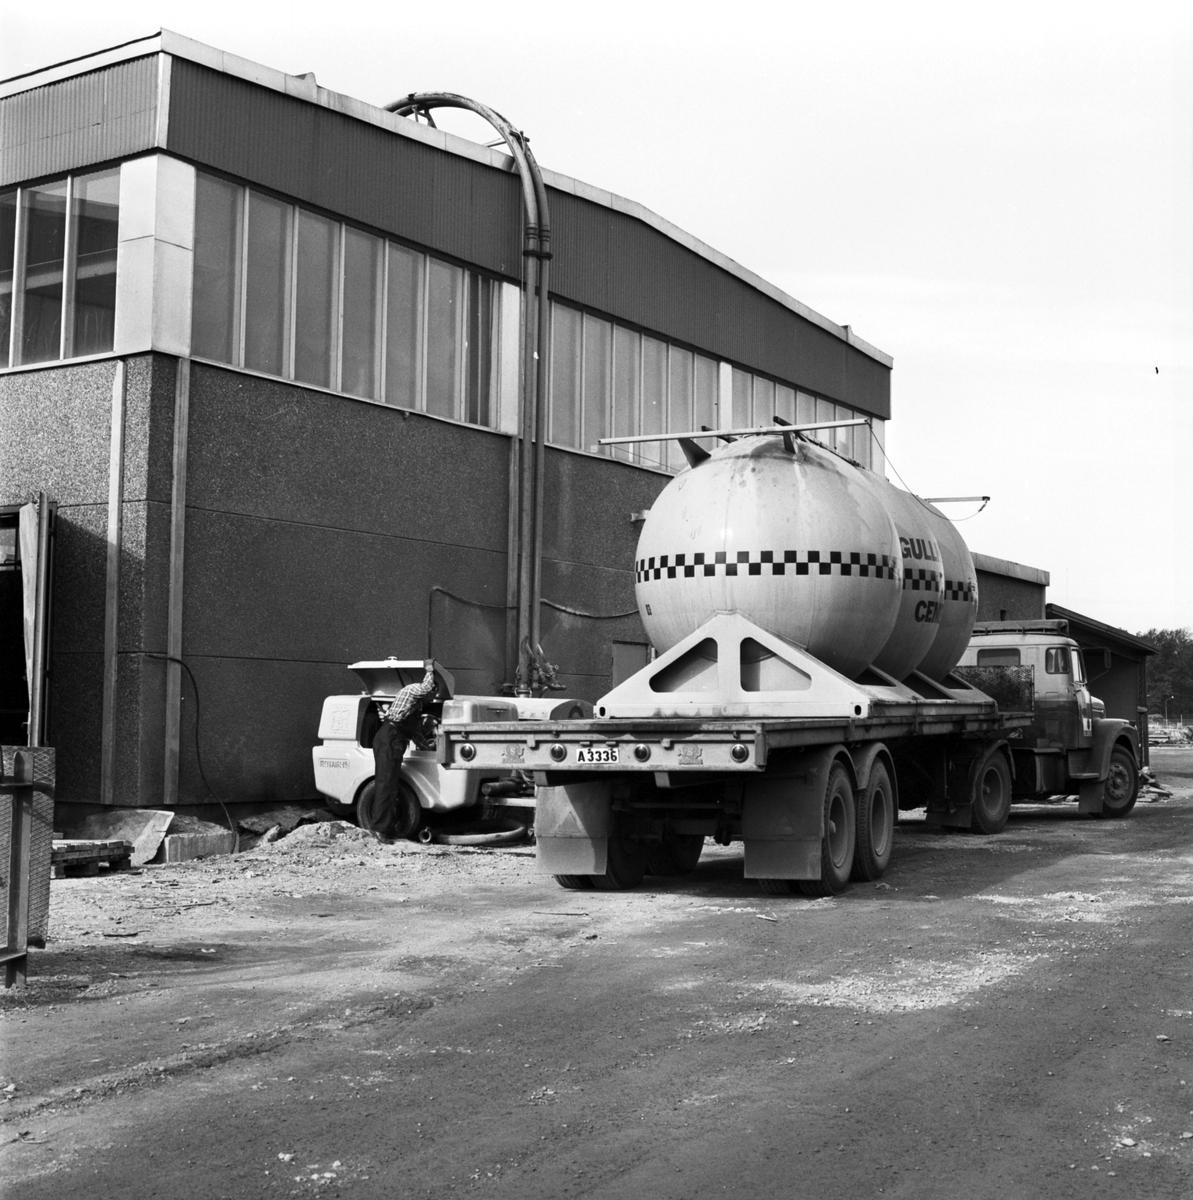 Cementtransport, Gullhögen